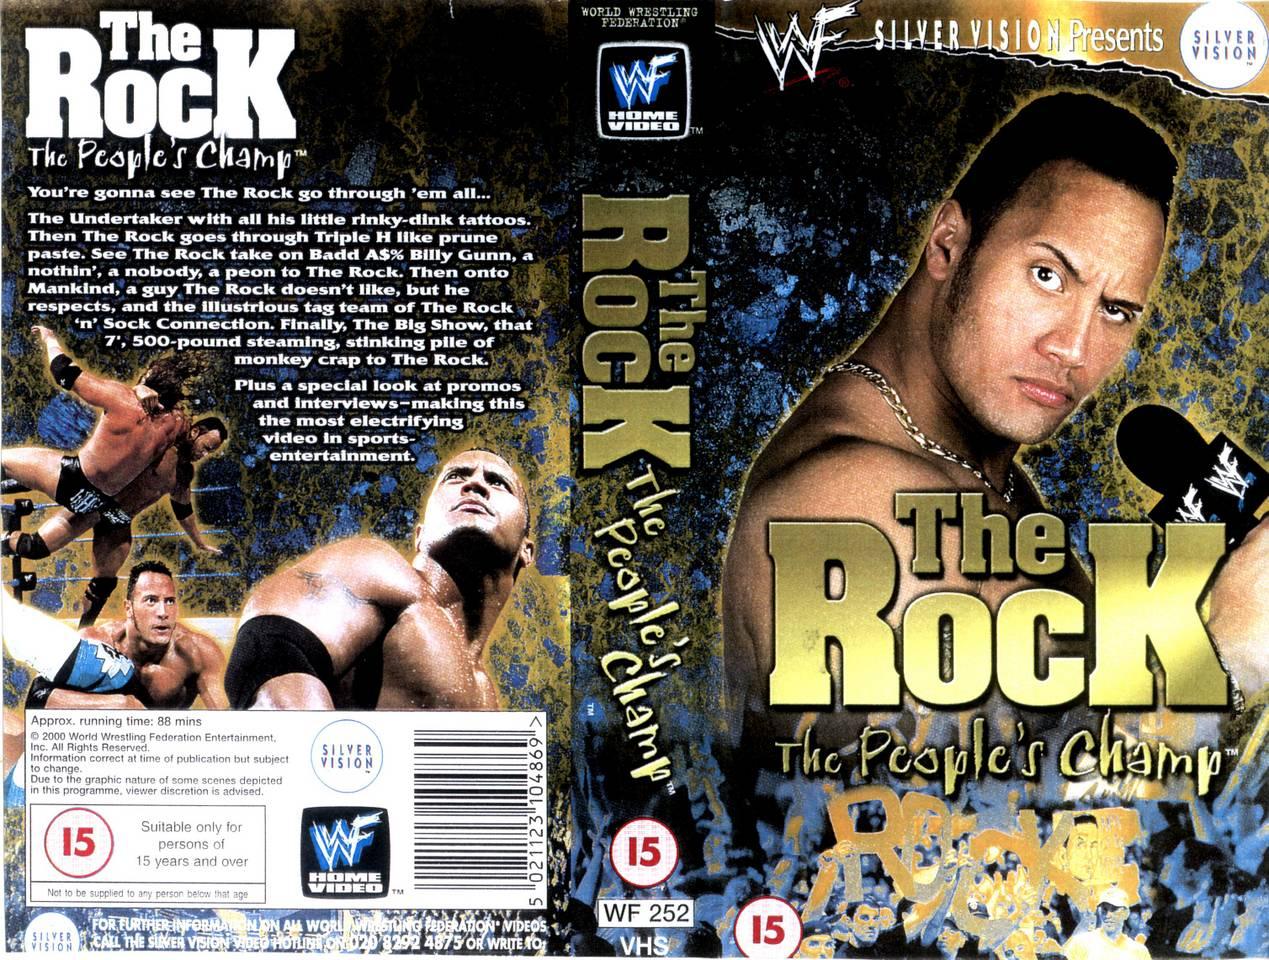 rockpeopleschamp4kl